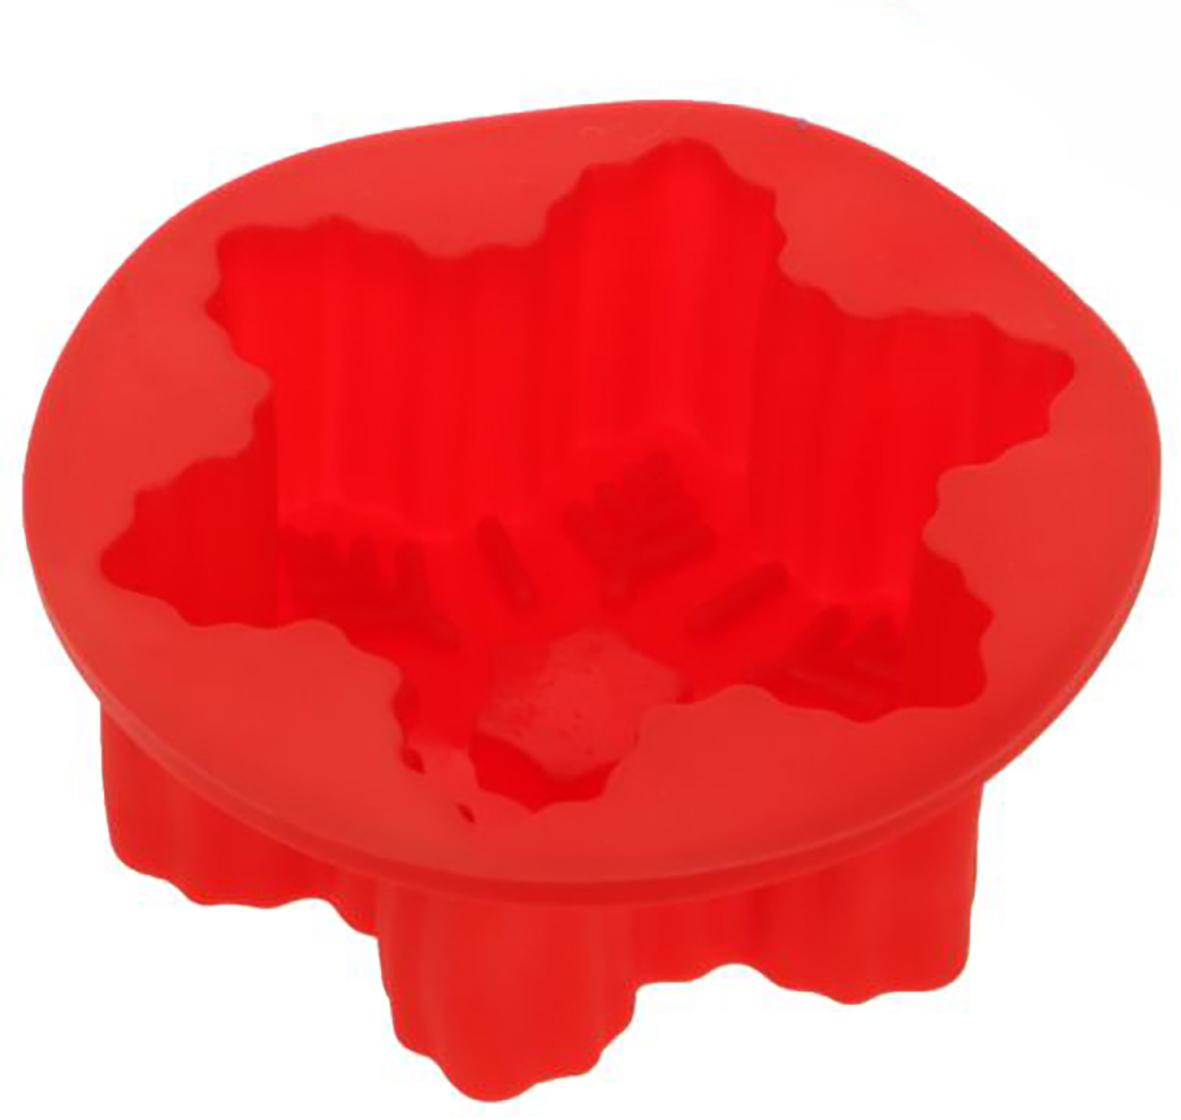 Форма для выпечки Доляна Снежинка, цвет: красный, 10 х 10 х 3,5 см1403955_красныйФорма для выпечки из силикона — современное решение для практичных и радушных хозяек. Оригинальный предмет позволяет готовить в духовке любимые блюда из мяса, рыбы, птицы и овощей, а также вкуснейшую выпечку. Почему это изделие должно быть на кухне? блюдо сохраняет нужную форму и легко отделяется от стенок после приготовления; высокая термостойкость (от –40 до 230 ?) позволяет применять форму в духовых шкафах и морозильных камерах; небольшая масса делает эксплуатацию предмета простой даже для хрупкой женщины; силикон пригоден для посудомоечных машин; высокопрочный материал делает форму долговечным инструментом; при хранении предмет занимает мало места. Советы по использованию формы Перед первым применением промойте предмет теплой водой. В процессе приготовления используйте кухонный инструмент из дерева, пластика или силикона. Перед извлечением блюда из силиконовой формы дайте ему немного остыть, осторожно отогните края предмета. Готовьте с удовольствием!